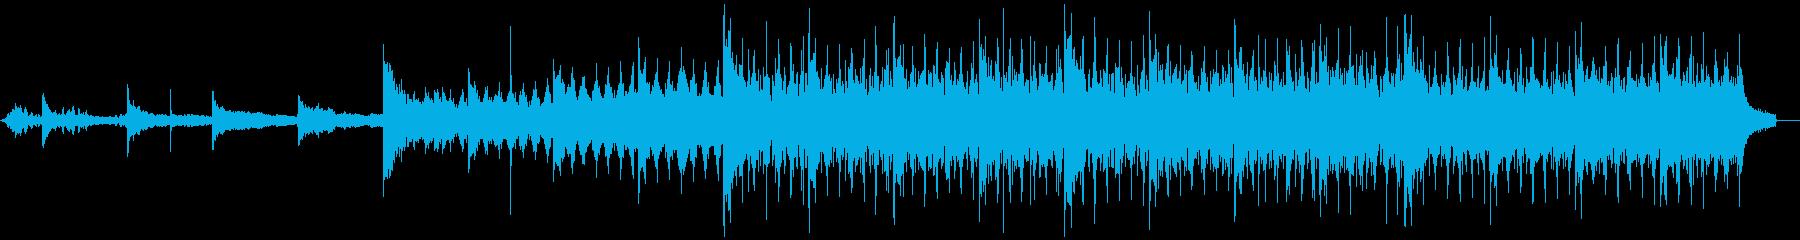 緊張感のあるサウンド ピアノ シンセの再生済みの波形